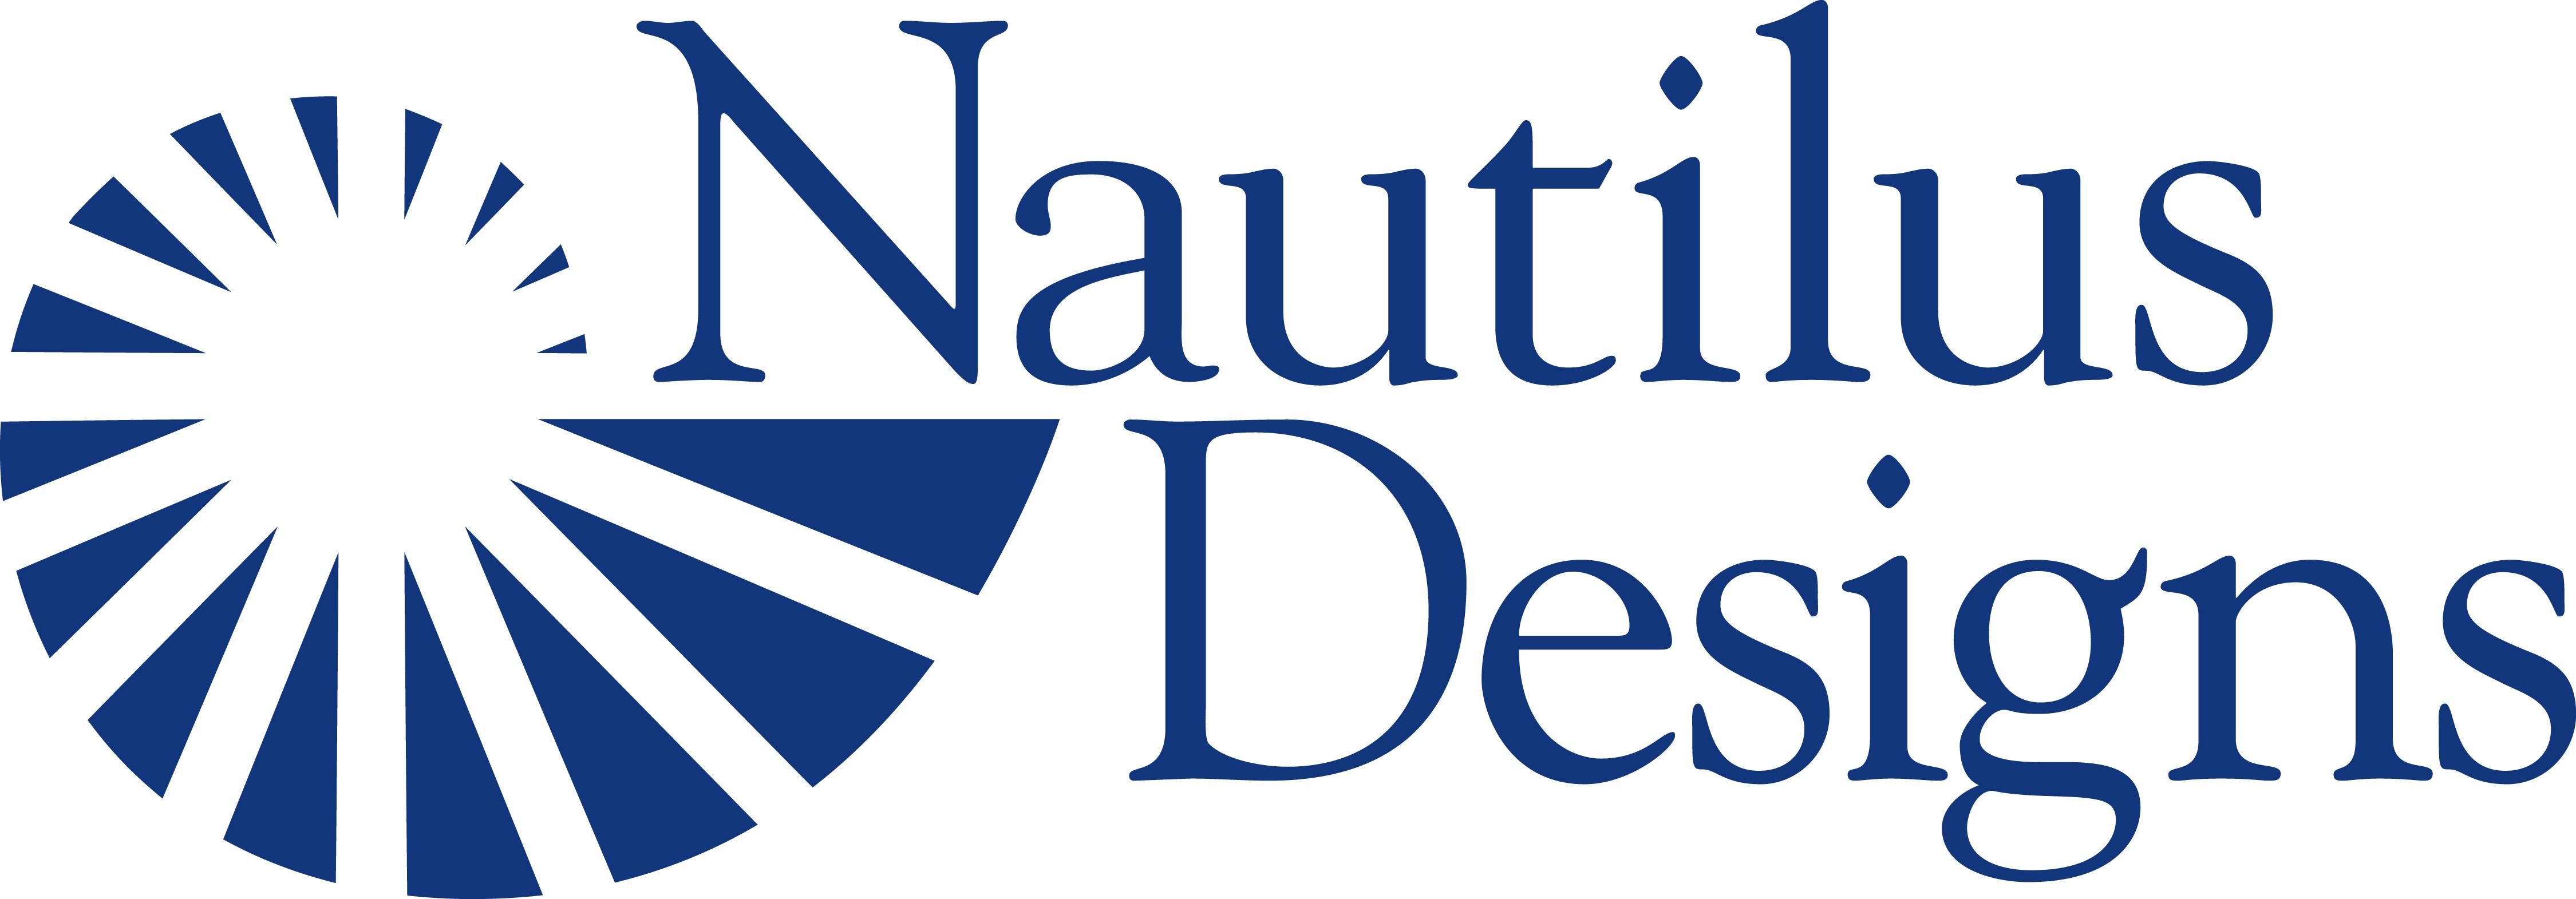 Nautilus Designs